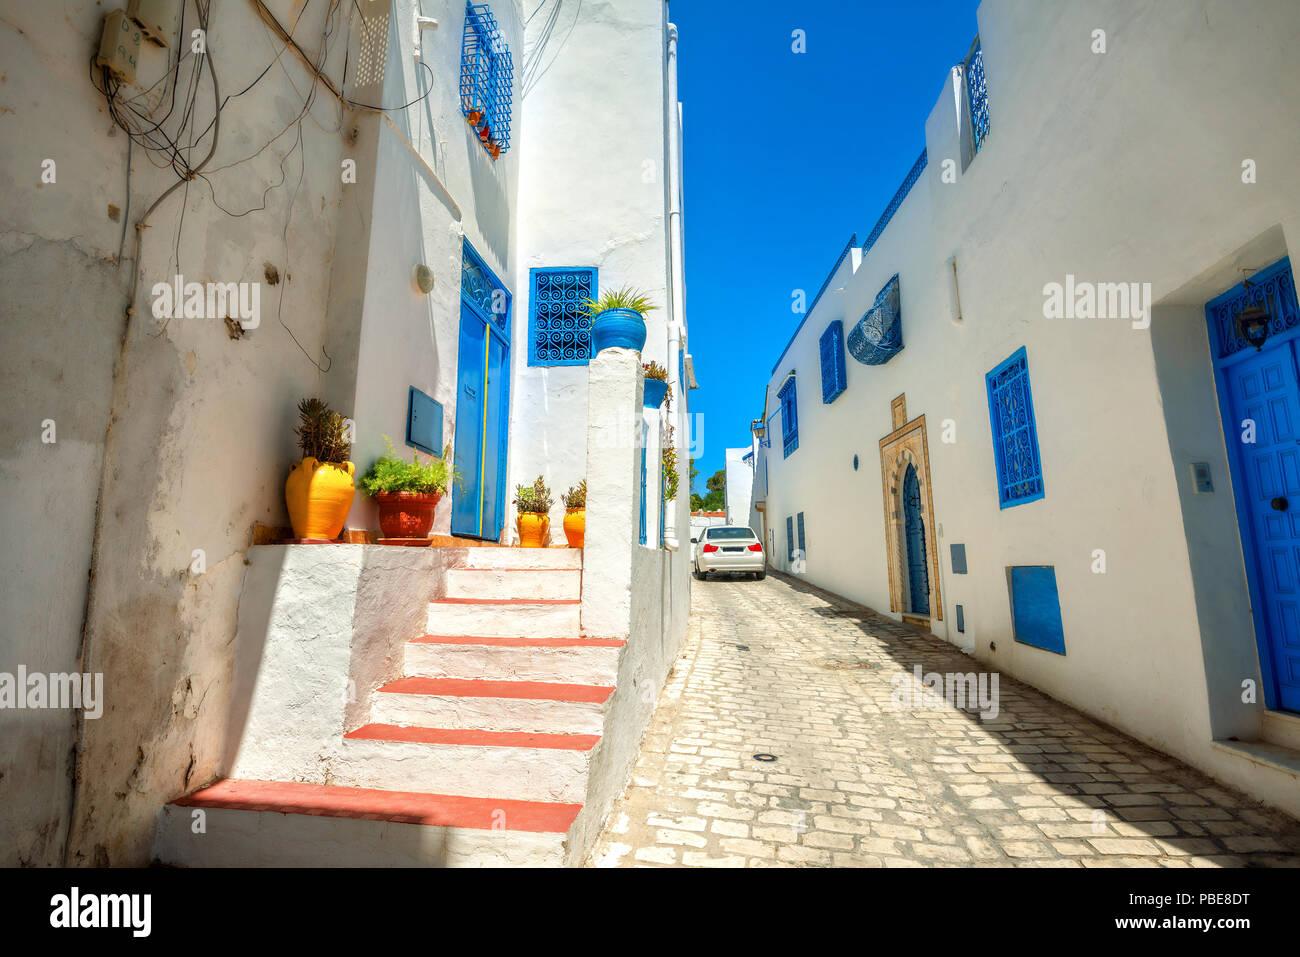 Rue étroite en blanc bleu ville Sidi Bou Said. La Tunisie, l'Afrique du Nord Photo Stock